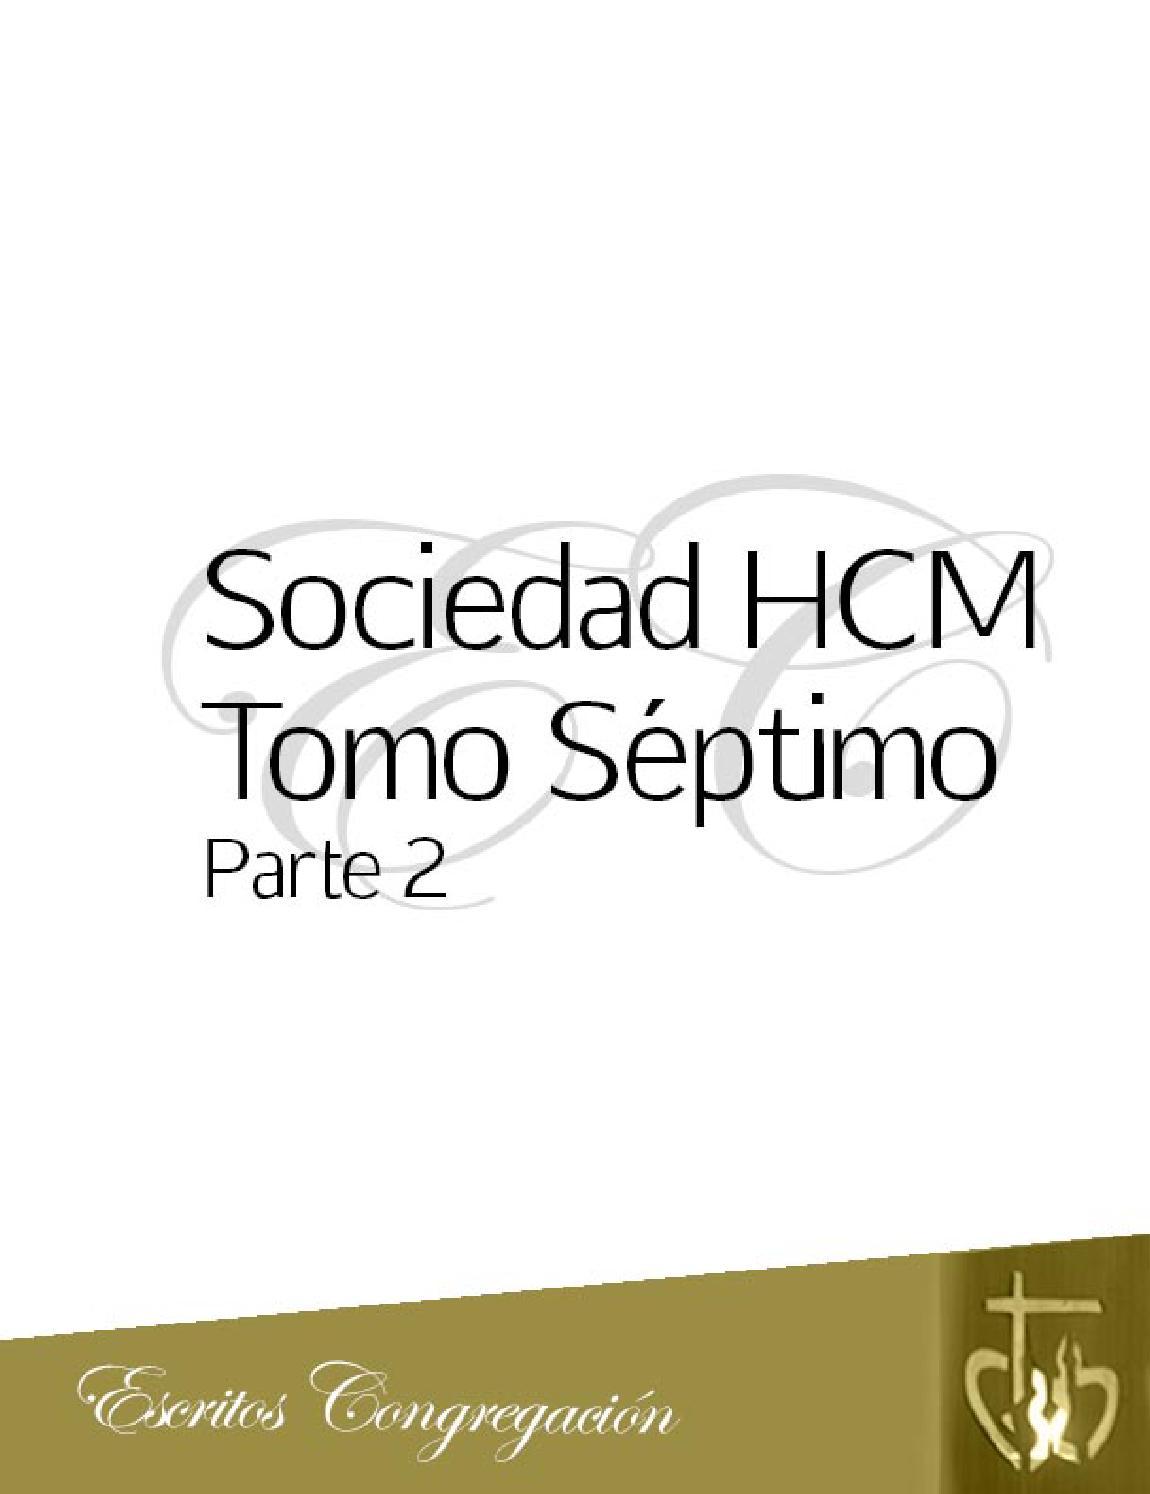 3 anales sociedad hcm tomo septimo parte 2 by Sociedad Hijas del ...